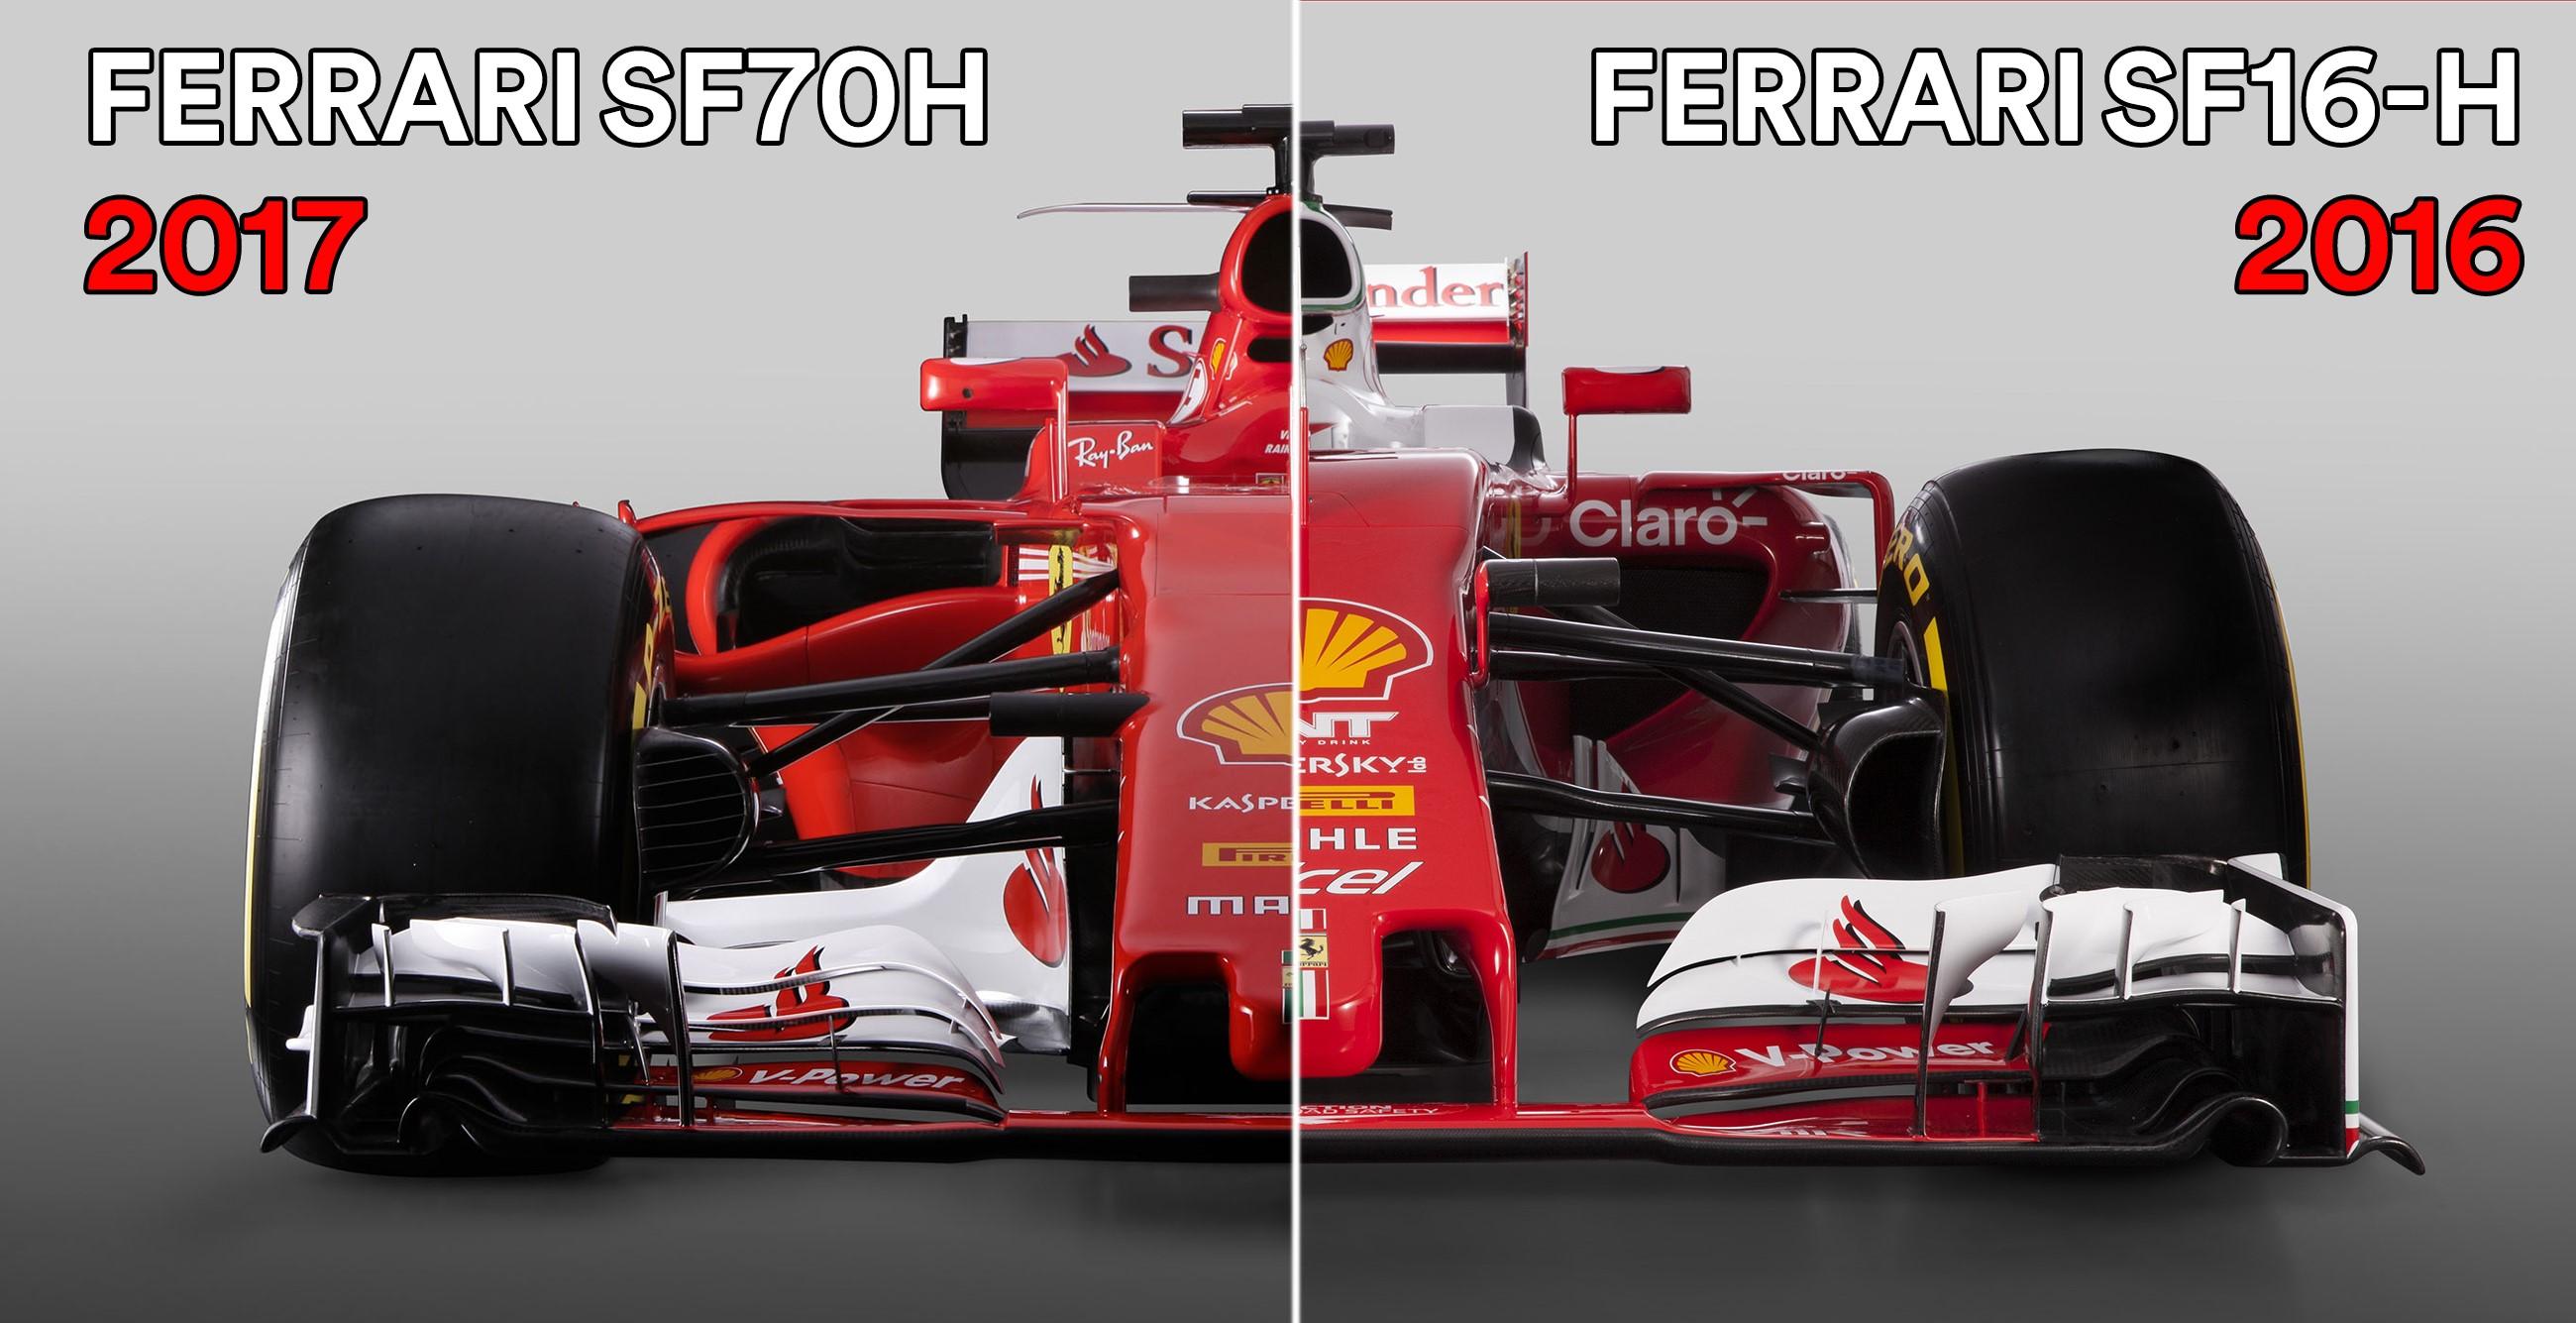 Il confronto tra la Ferrari SF16-H (2016) e la Ferrari SF70H (2017)